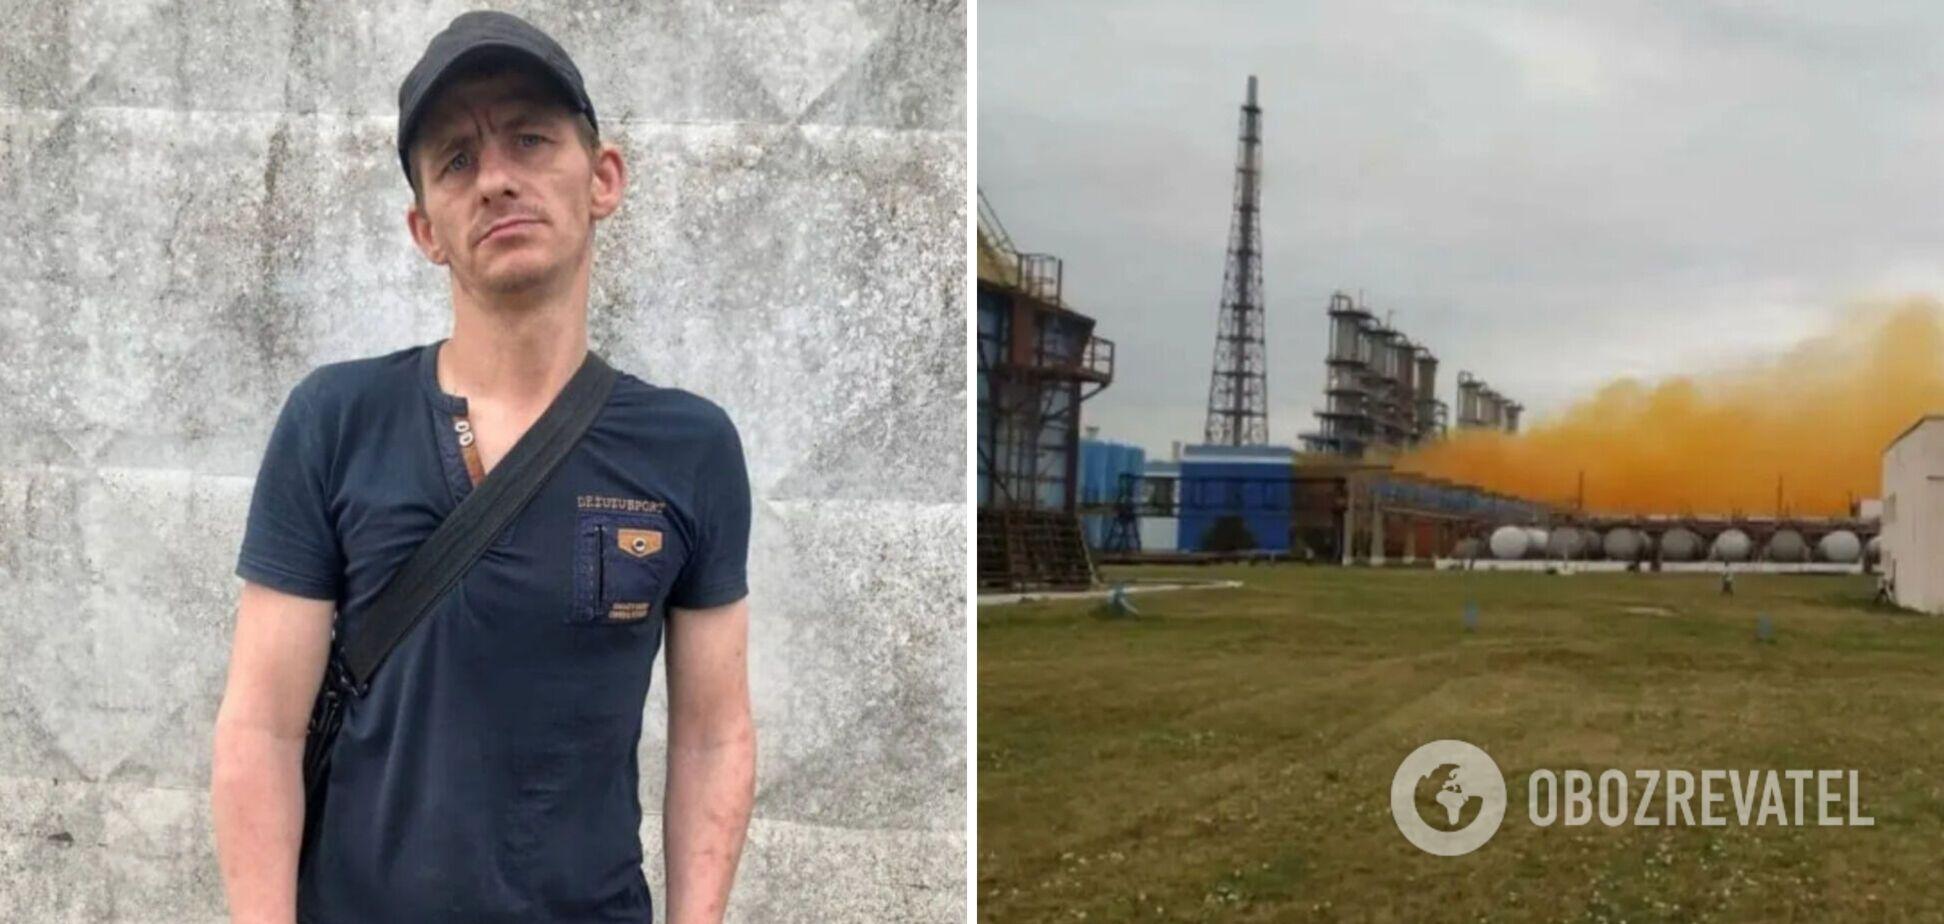 Новости Украины: из СИЗО сбежал подозреваемый, а на химзаводе Фирташа произошел взрыв